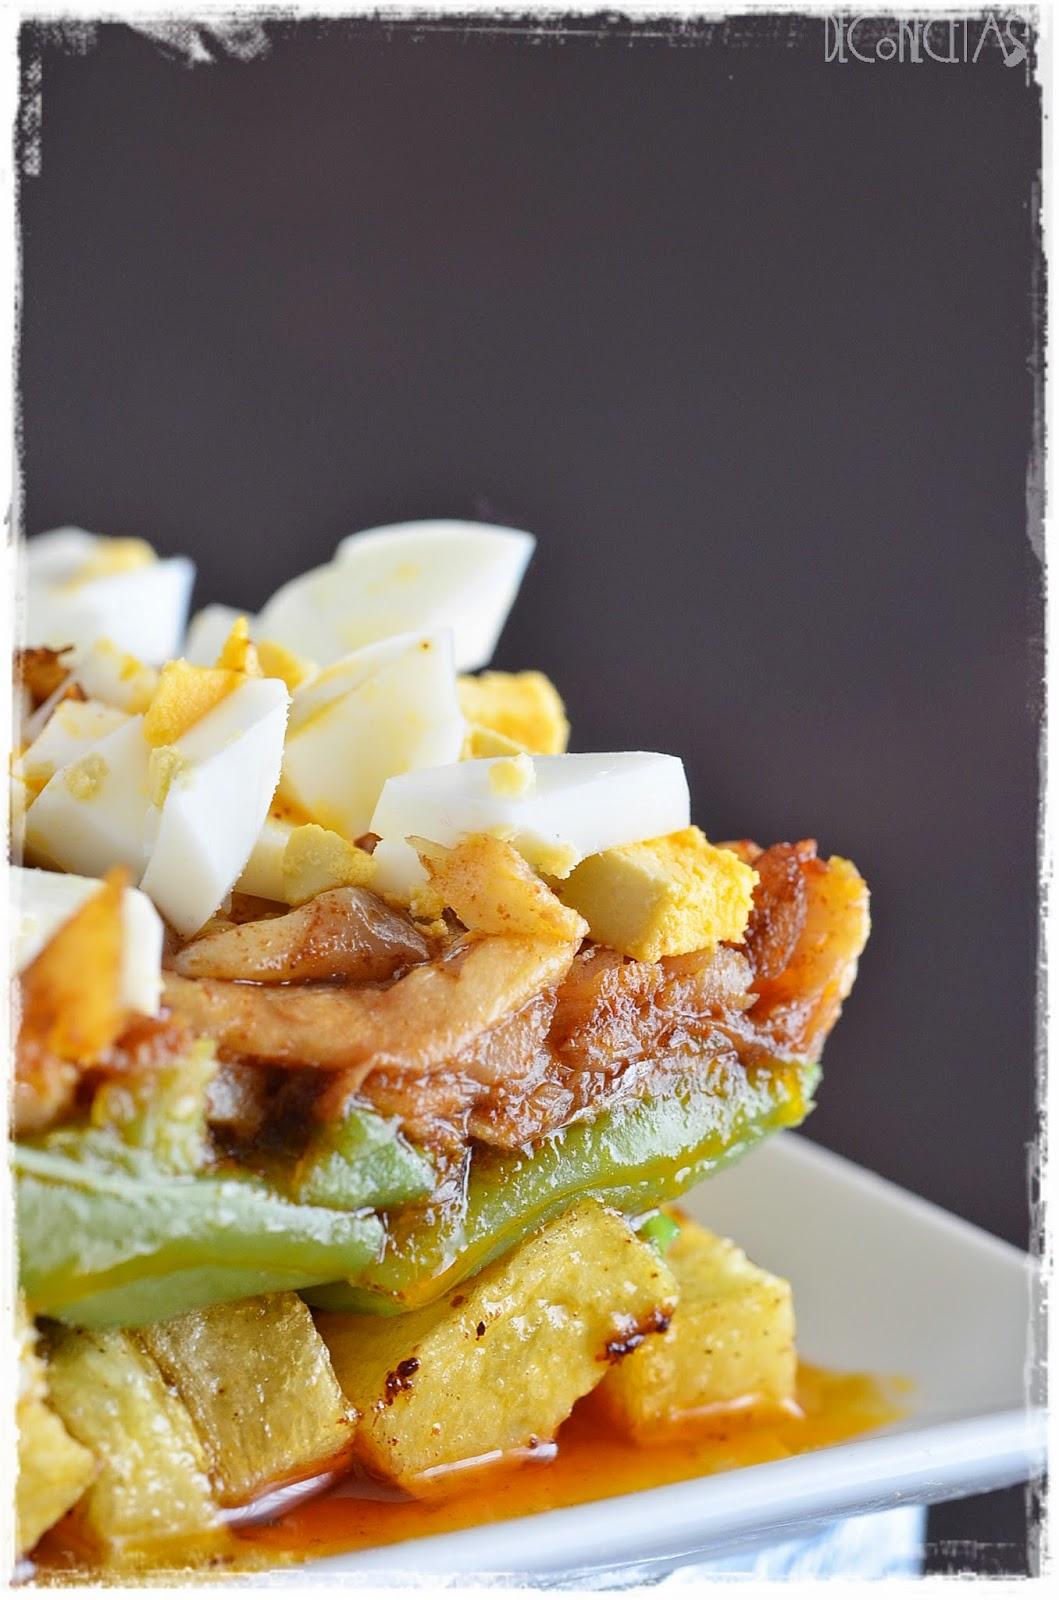 Ensalada de judias verdes con patata y pescado